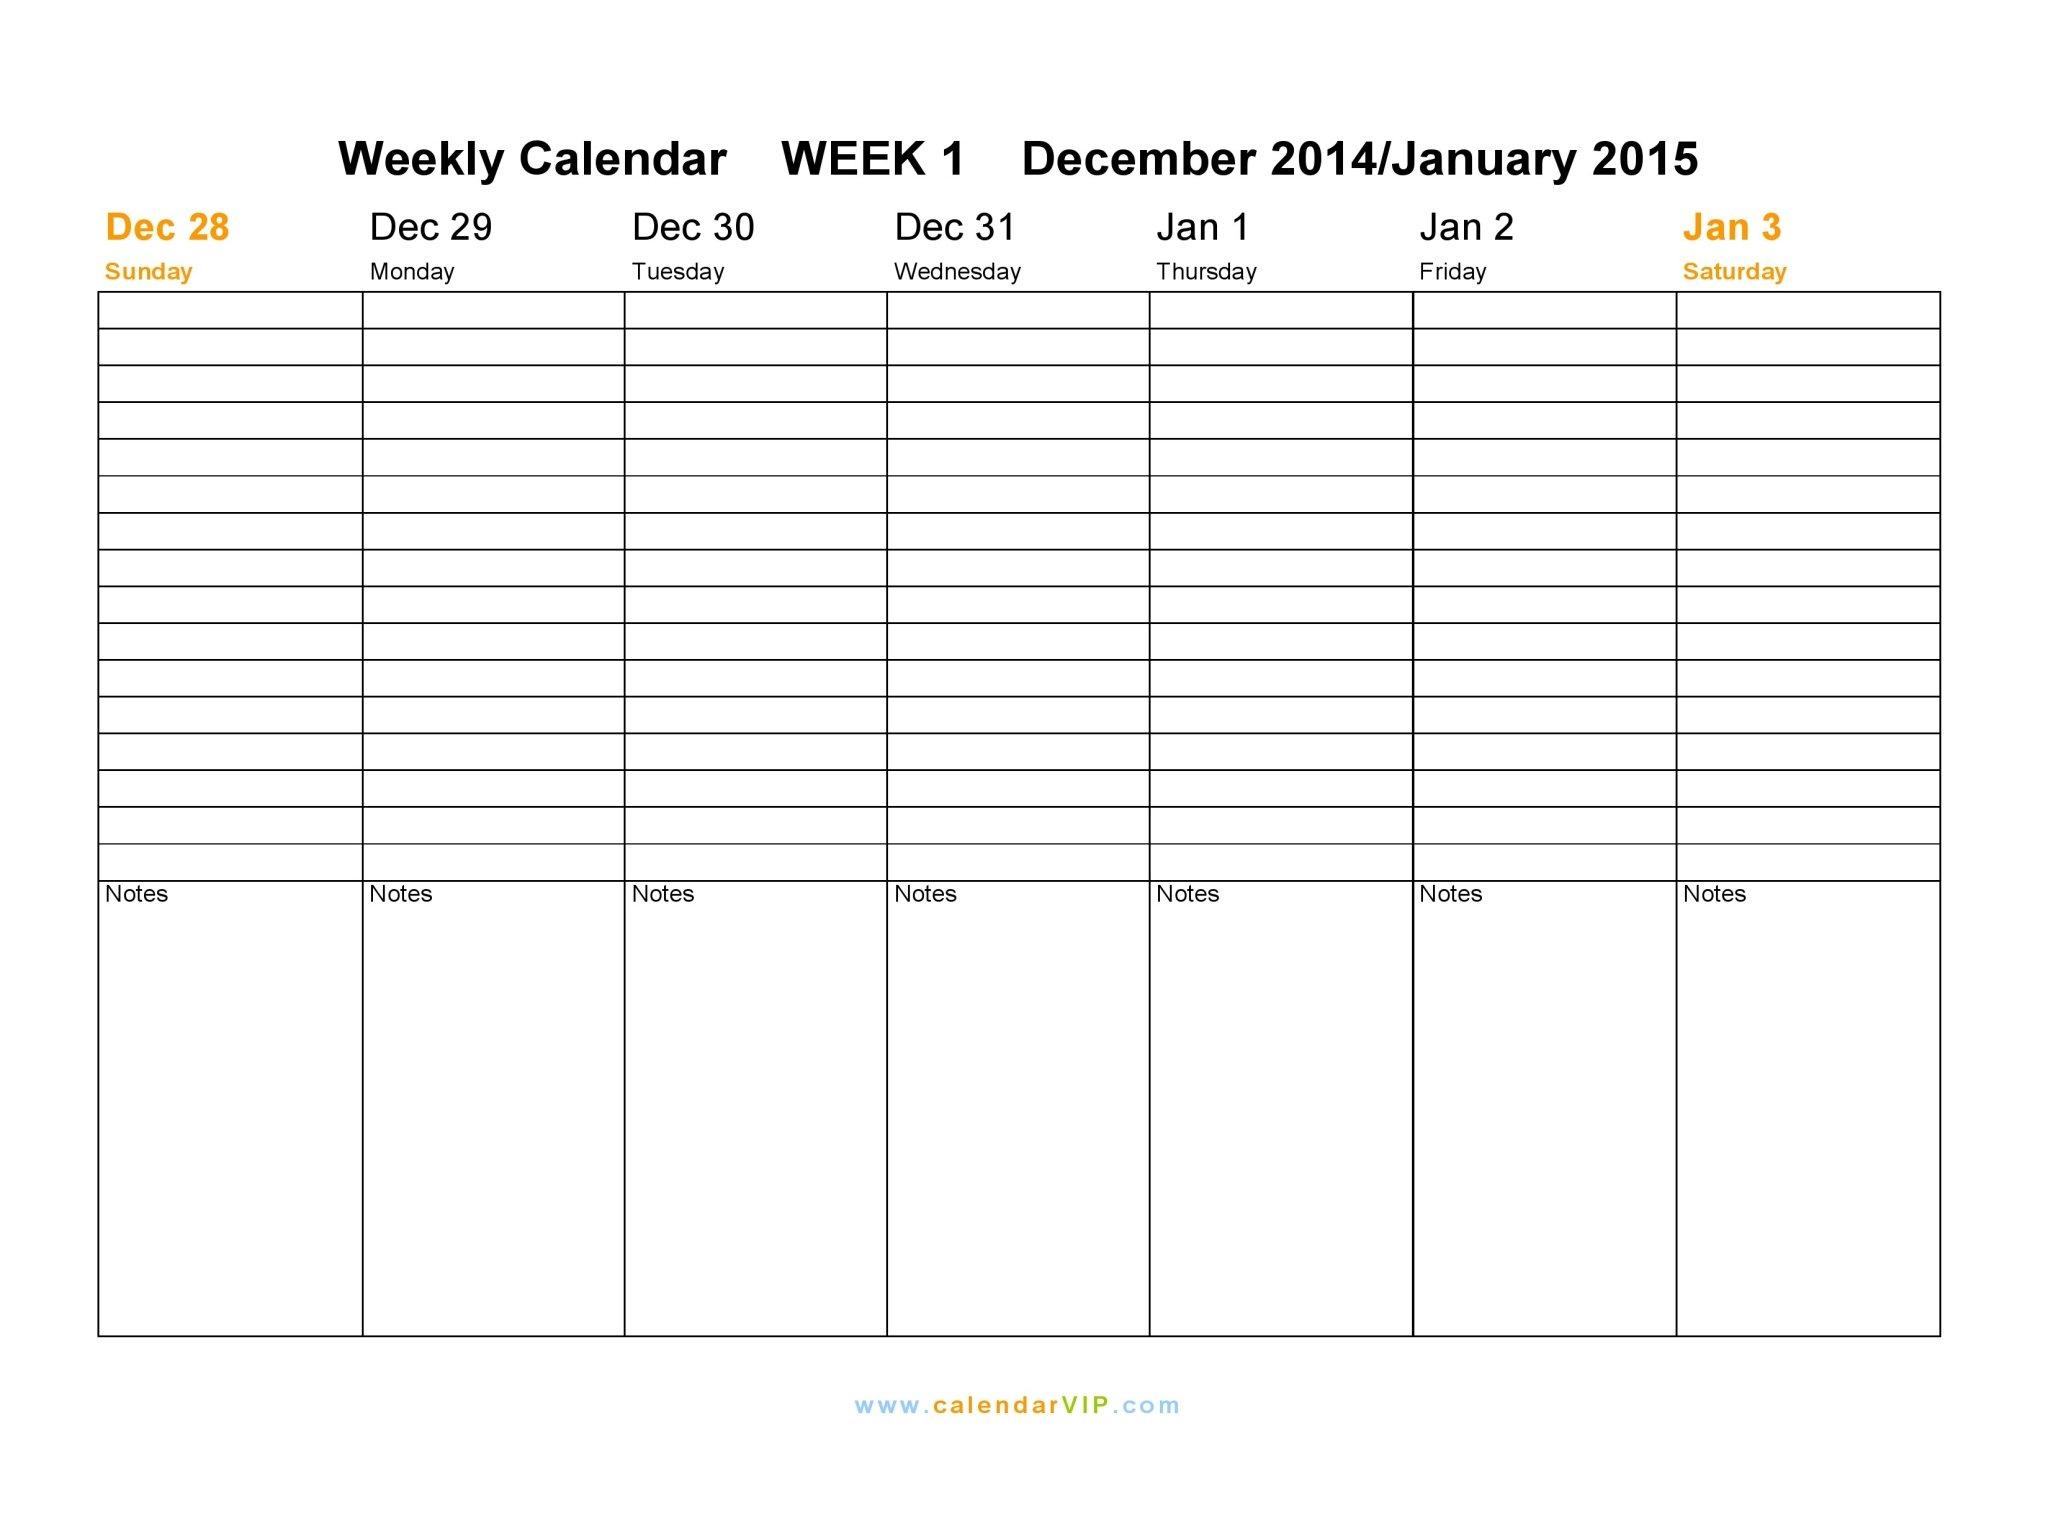 Weekly Calendar 2015 - Free Weekly Calendar Templates 1 Week Blank Calendar Printable